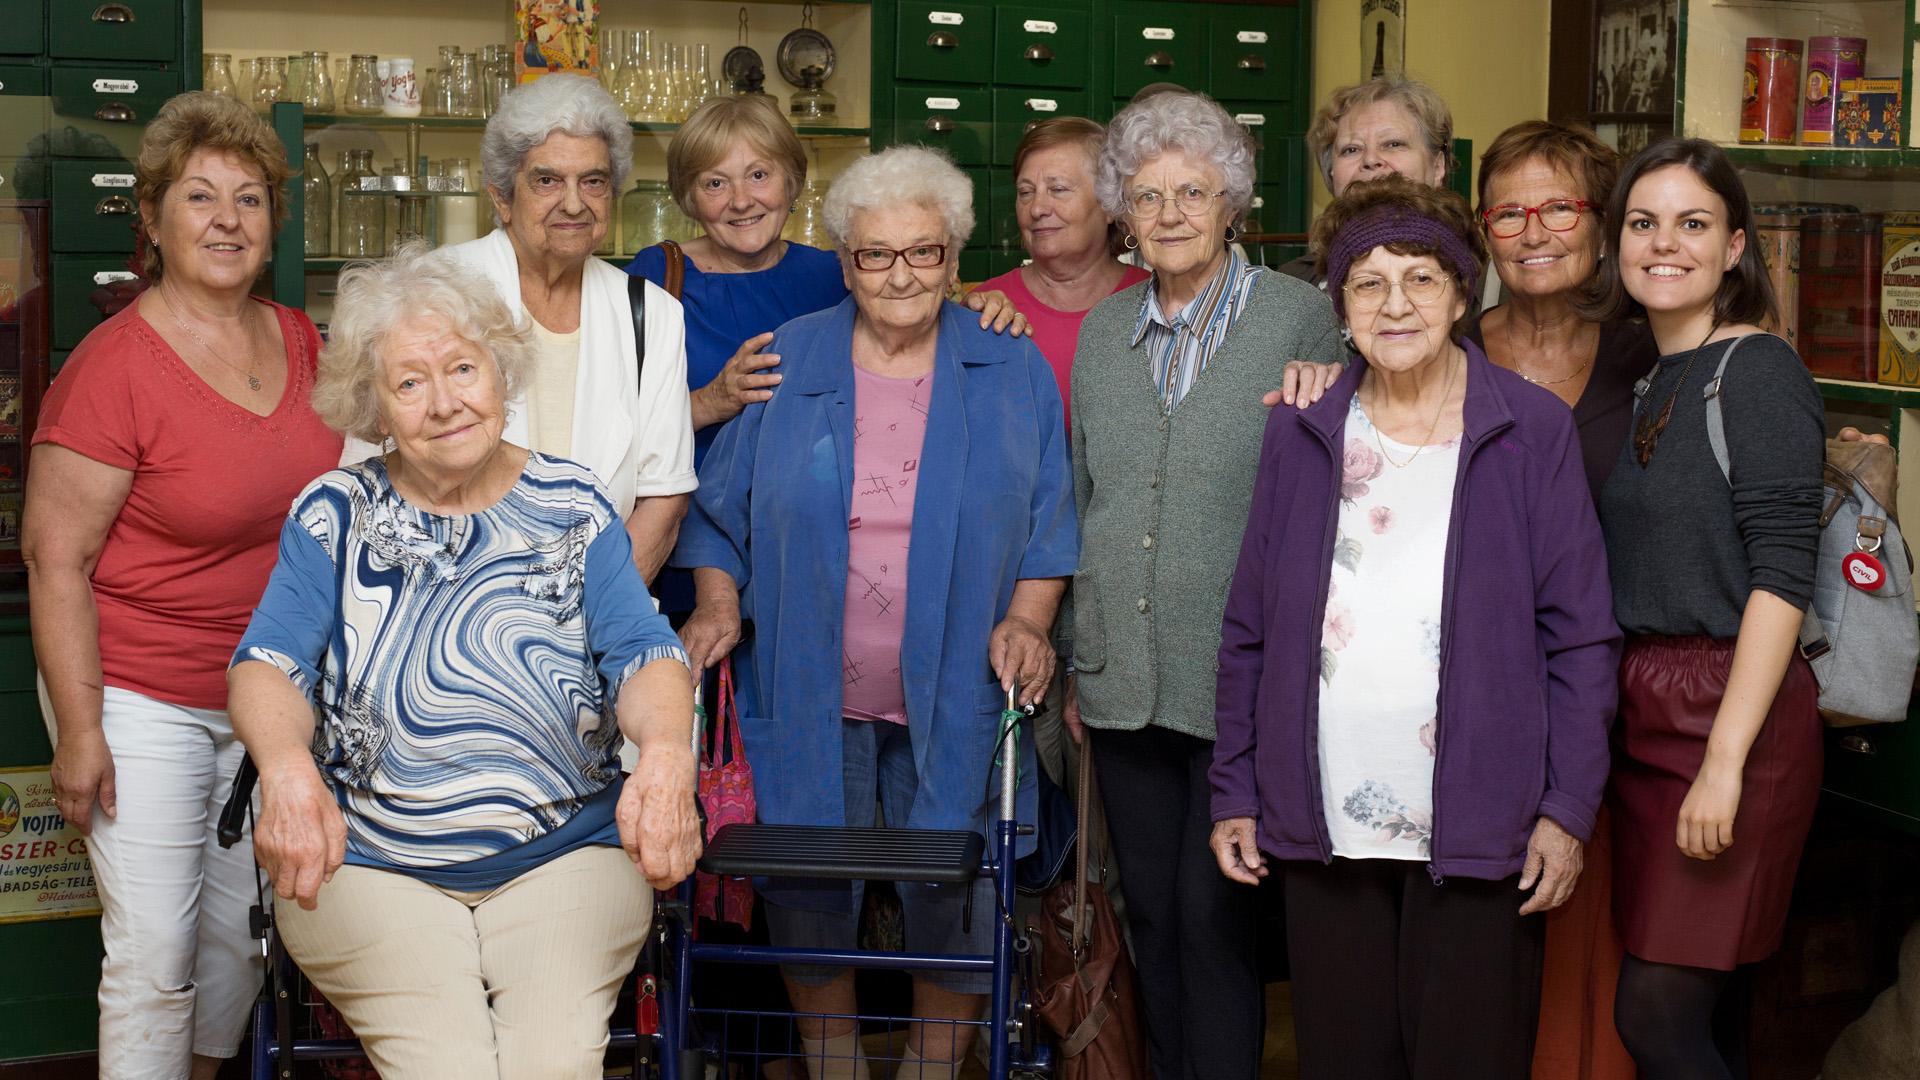 Az időskor lehetne egy aktív és örömteli időszak